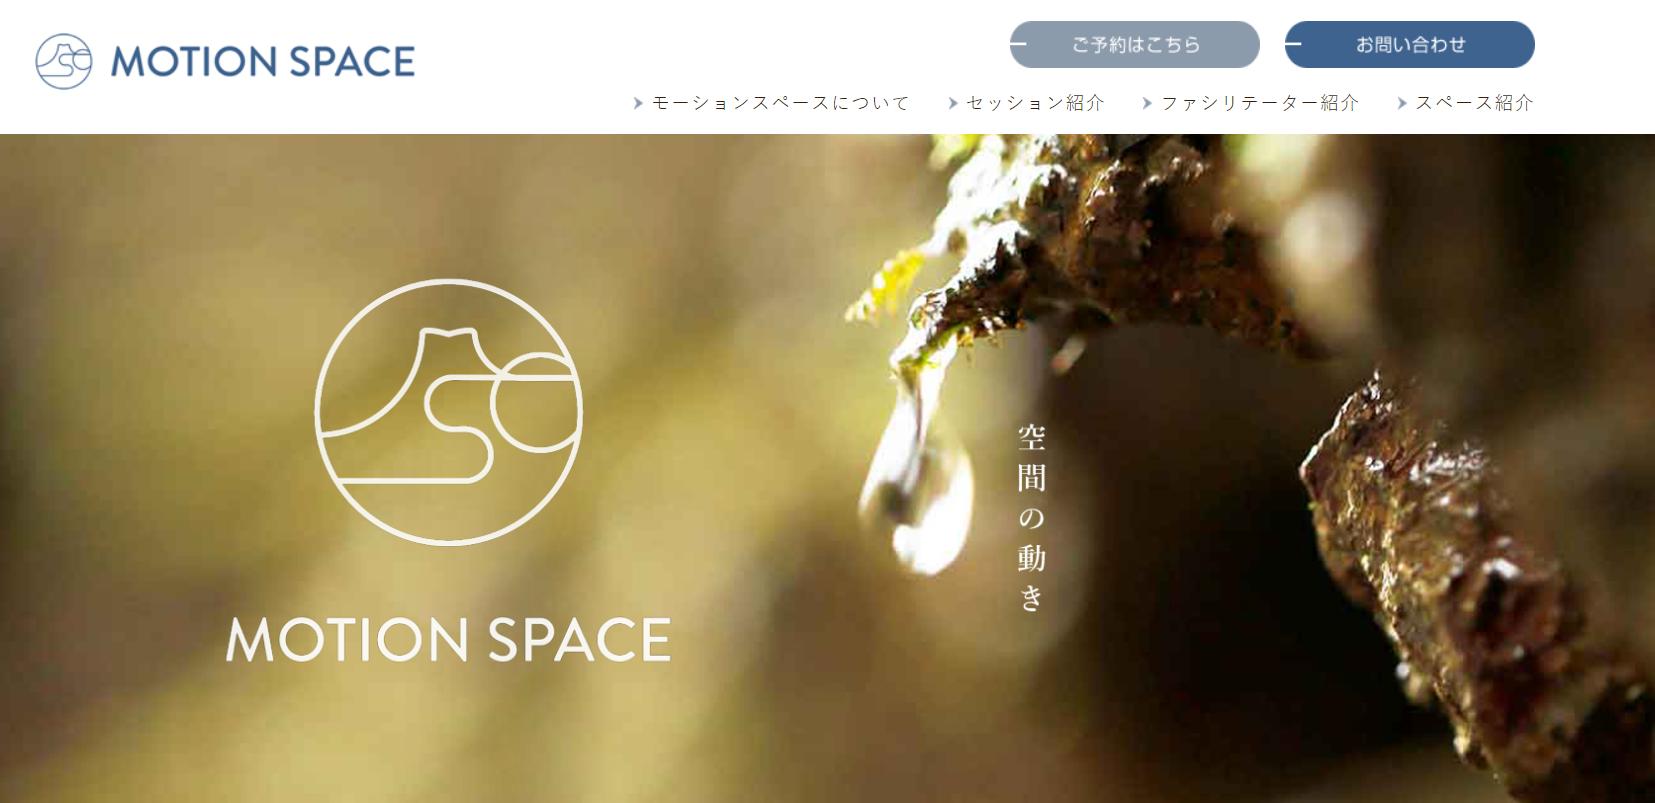 Motion Space(モーションスペース)